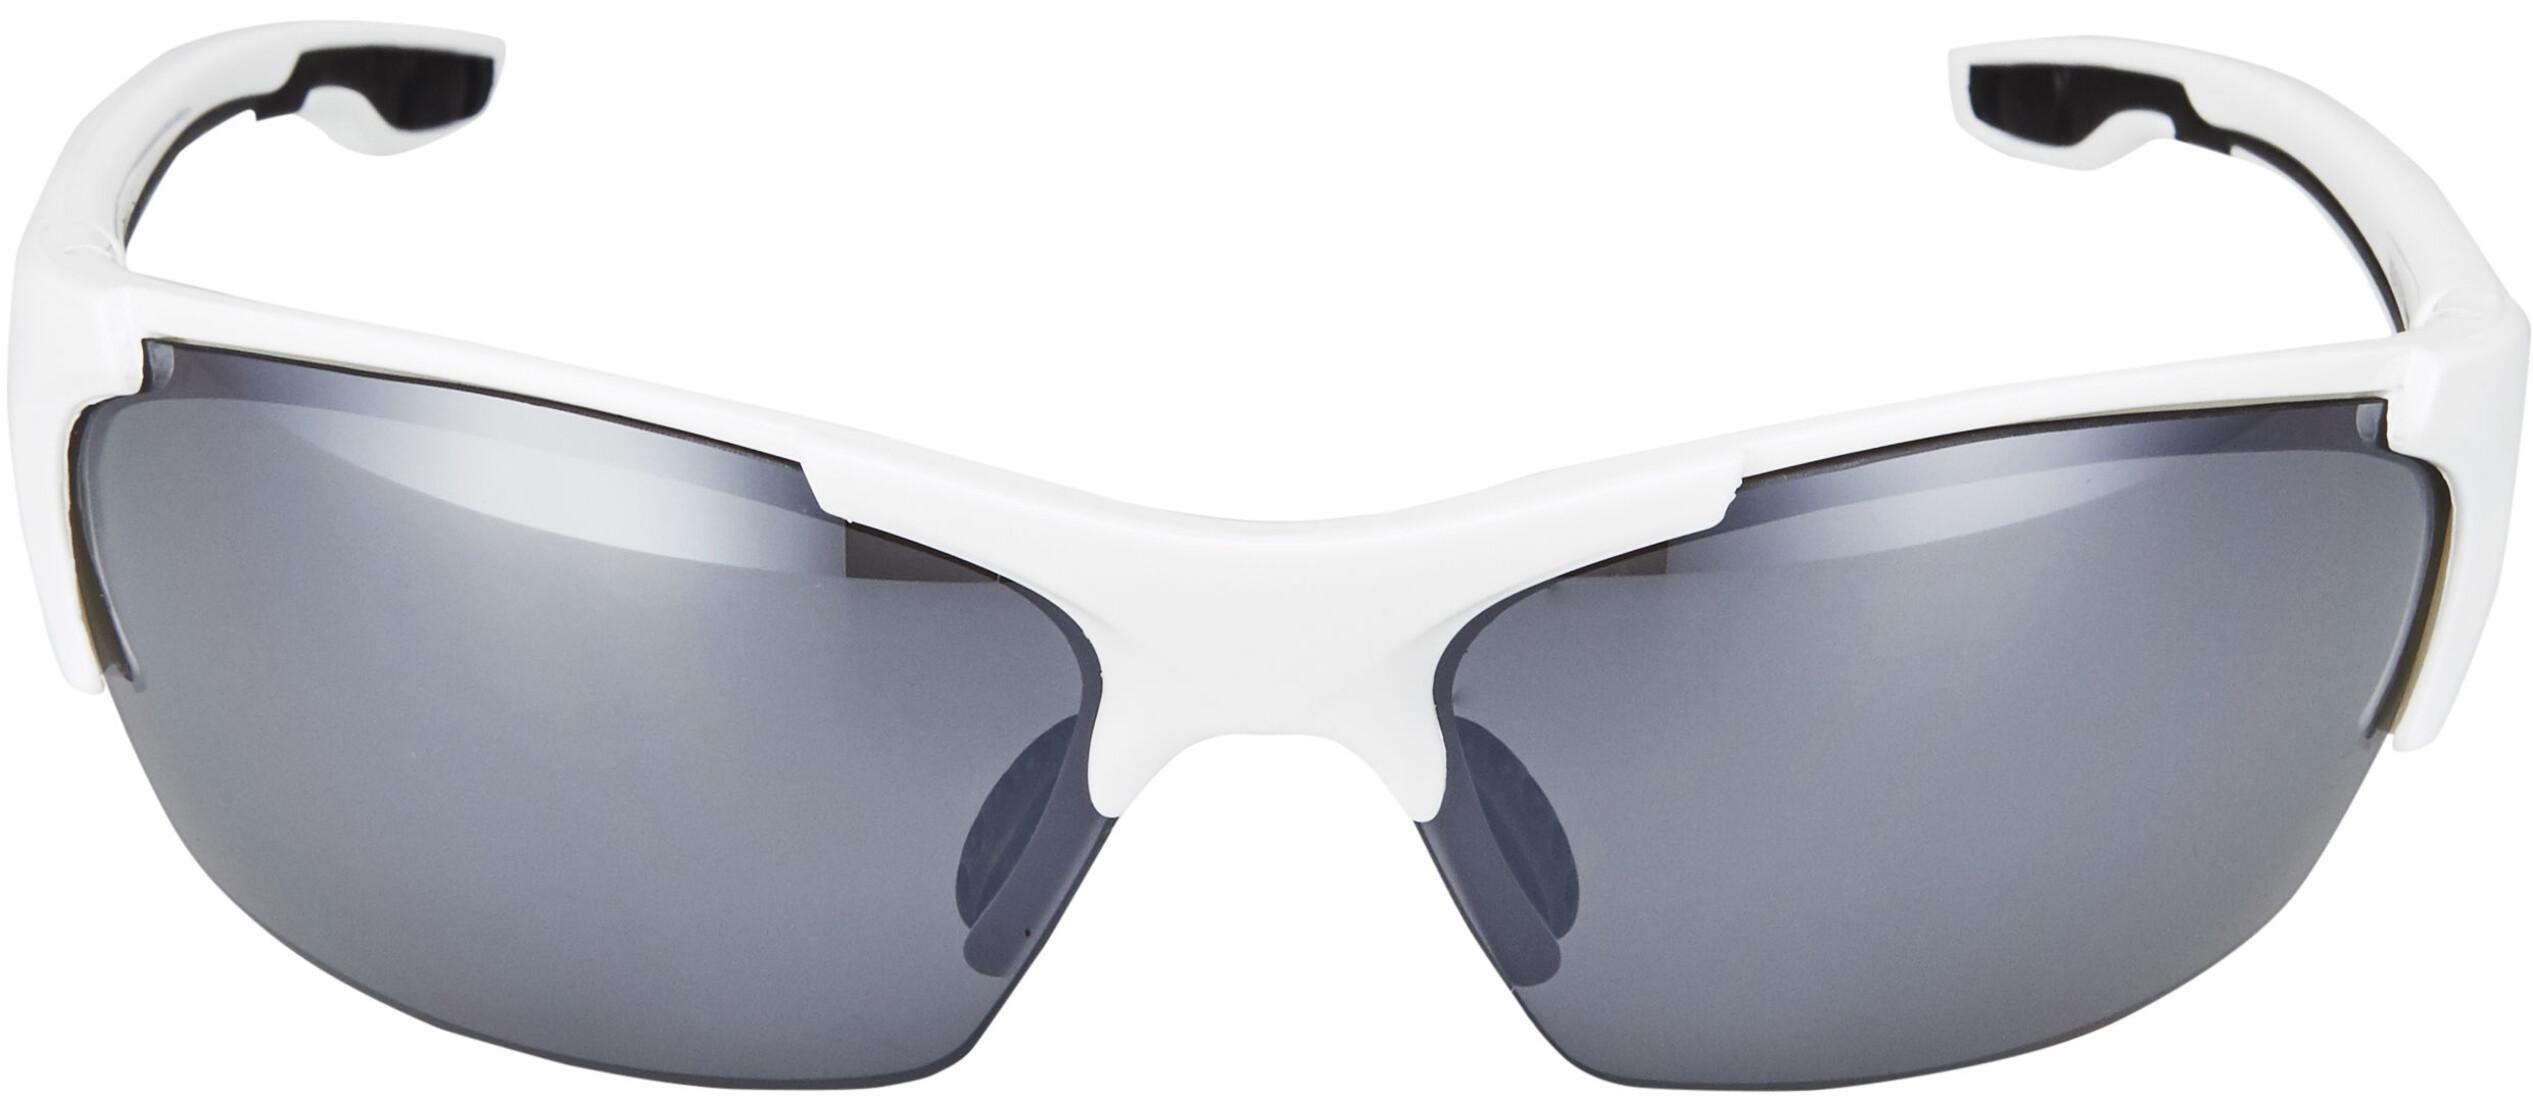 7f0bffa865 UVEX blaze lll Bike Glasses white at Addnature.co.uk